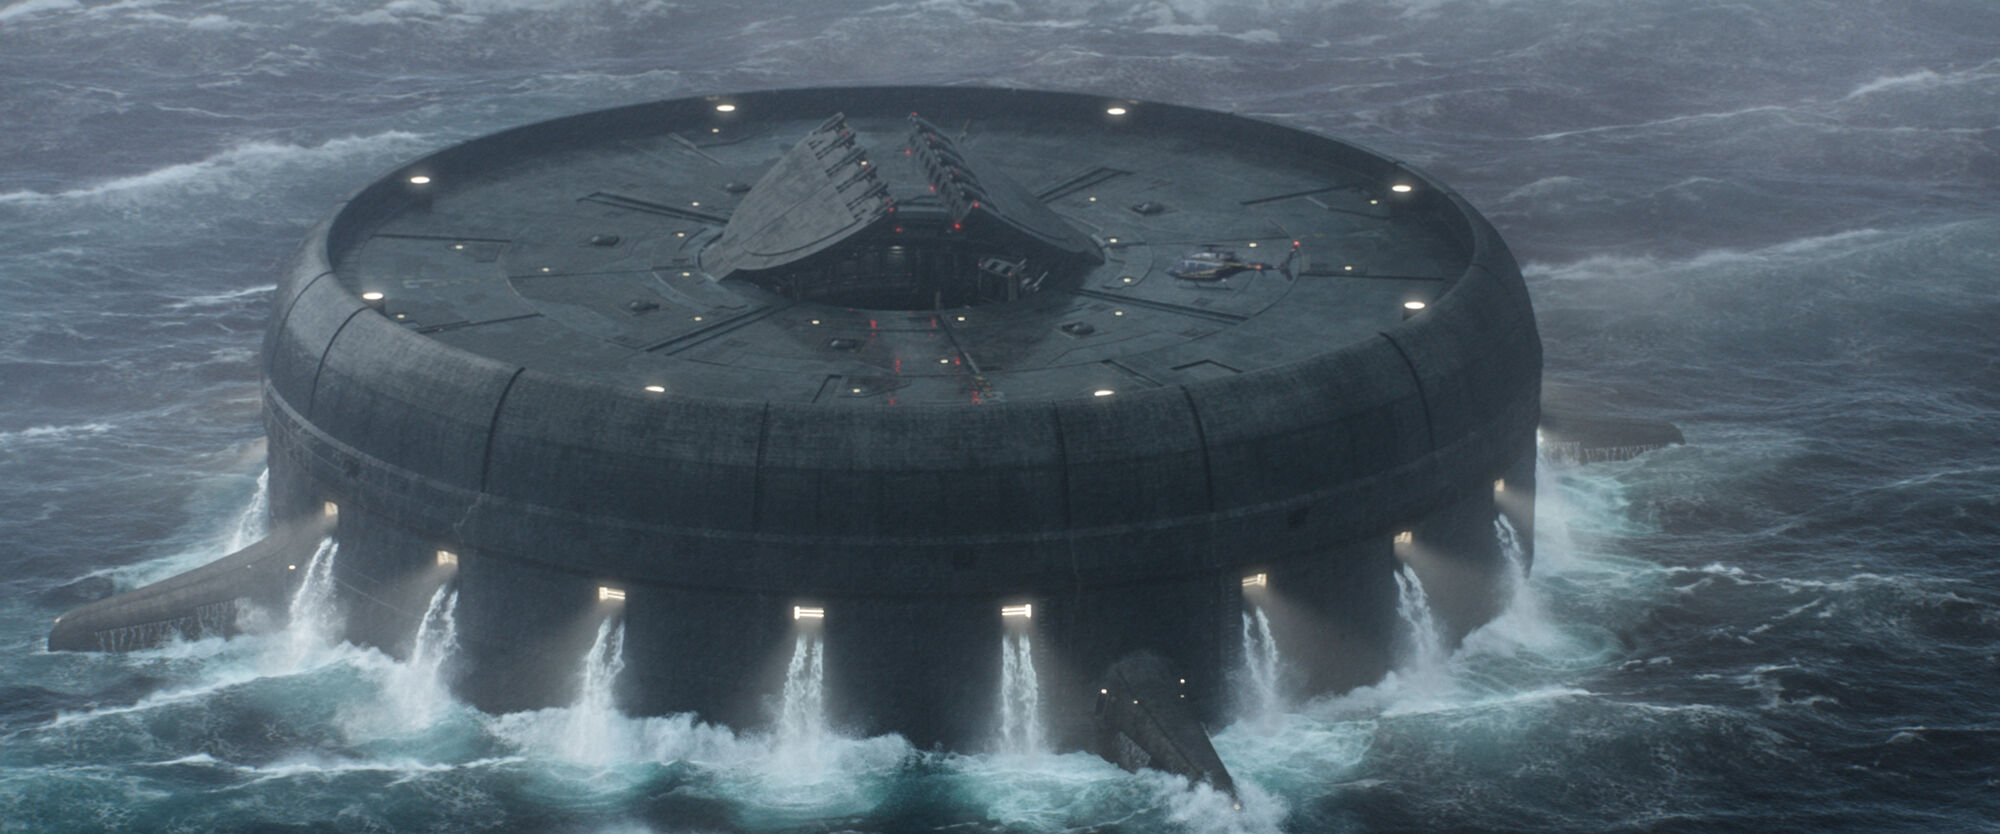 Raft | Marvel Cinematic Universe Wiki | FANDOM powered by Wikia